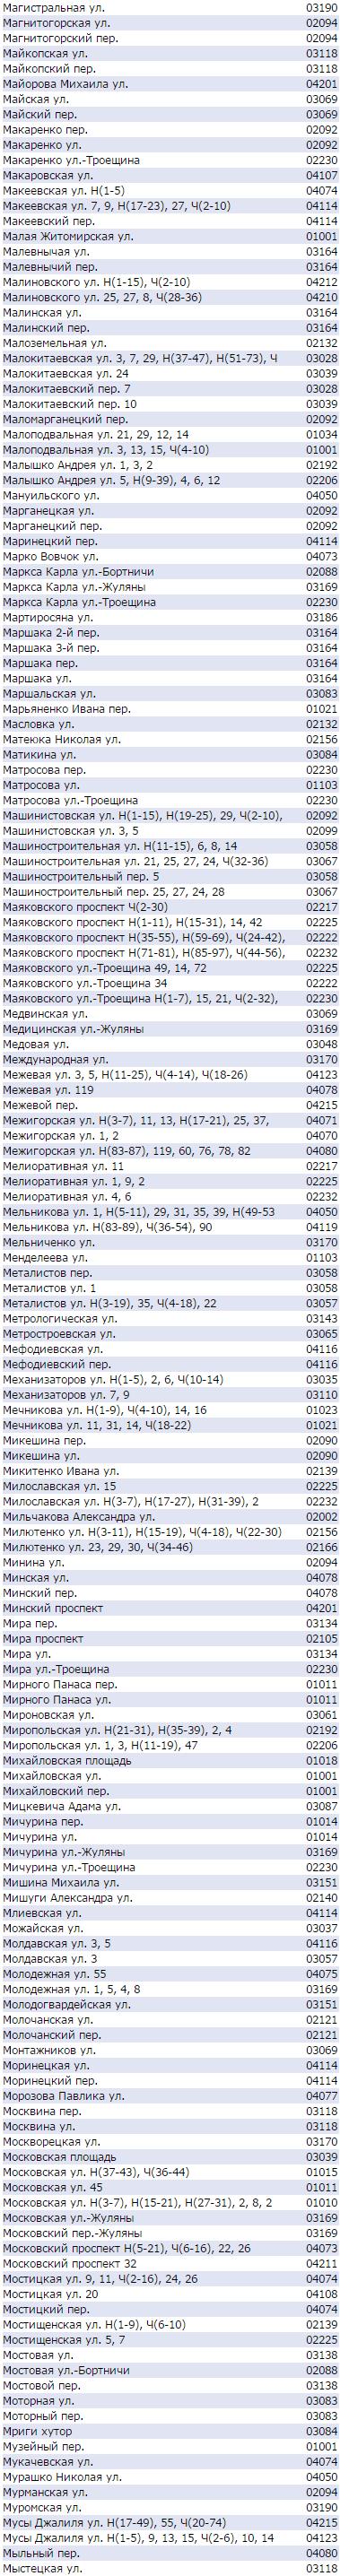 Почтовый индекс Киева по улицам - Маяковского, Макеевская, Московская